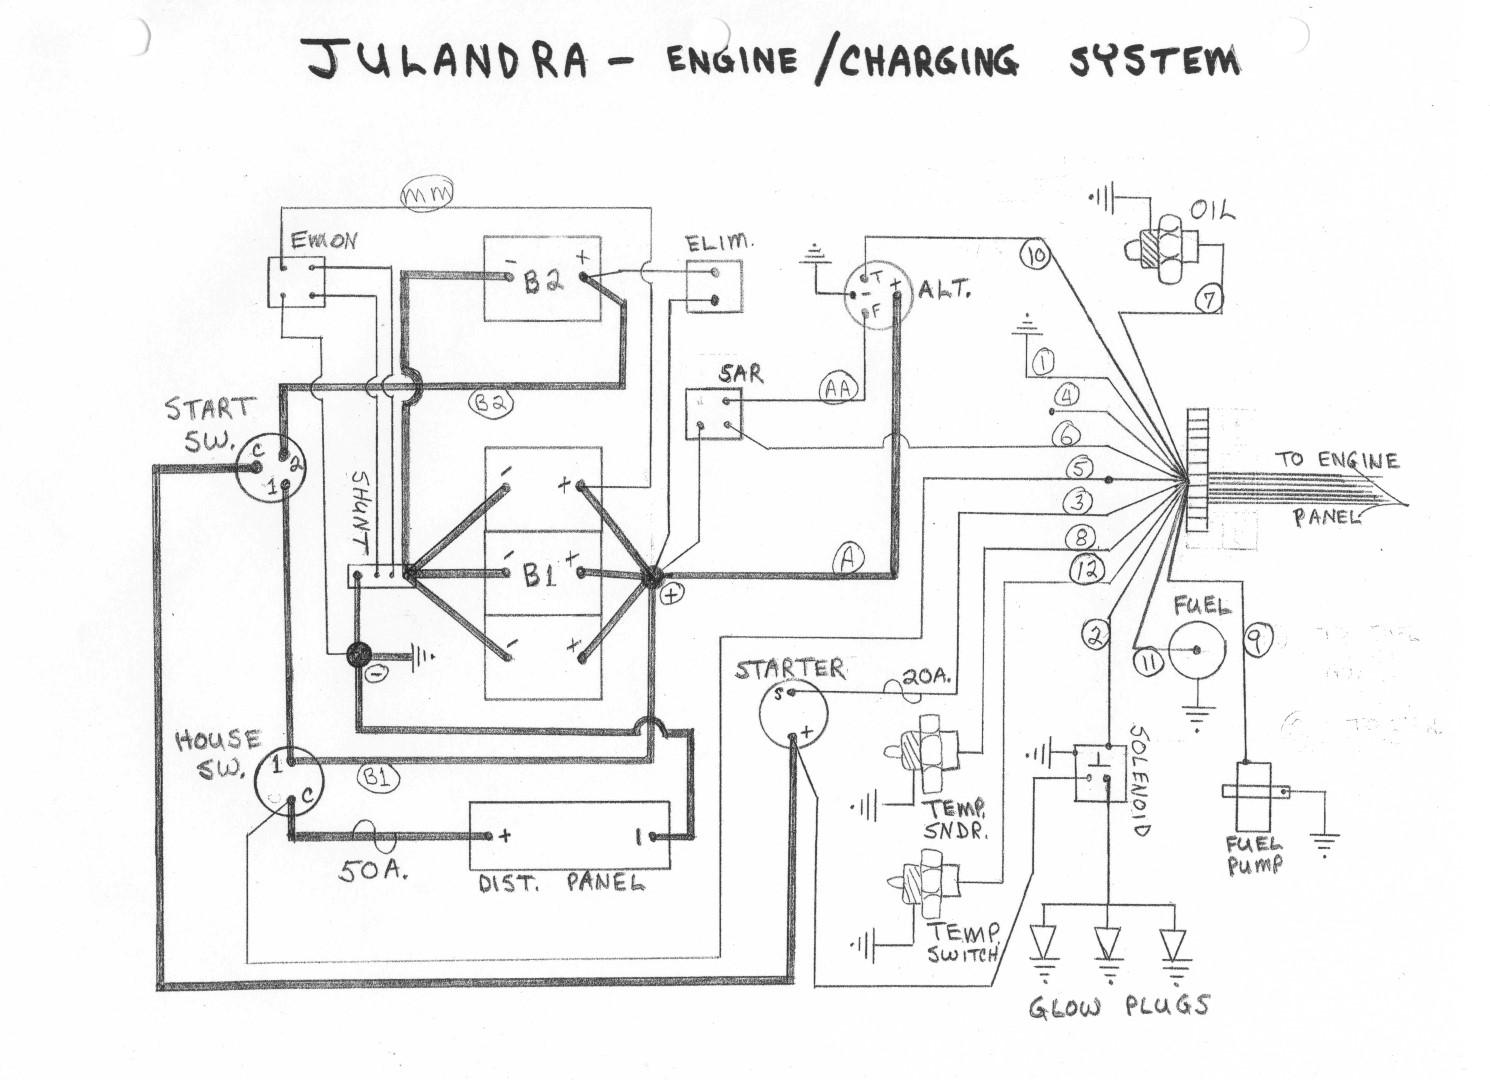 1968 Pontiac Catalina Wiring Diagram Honda Vt700 Wiring Diagram Bege Wiring Diagram